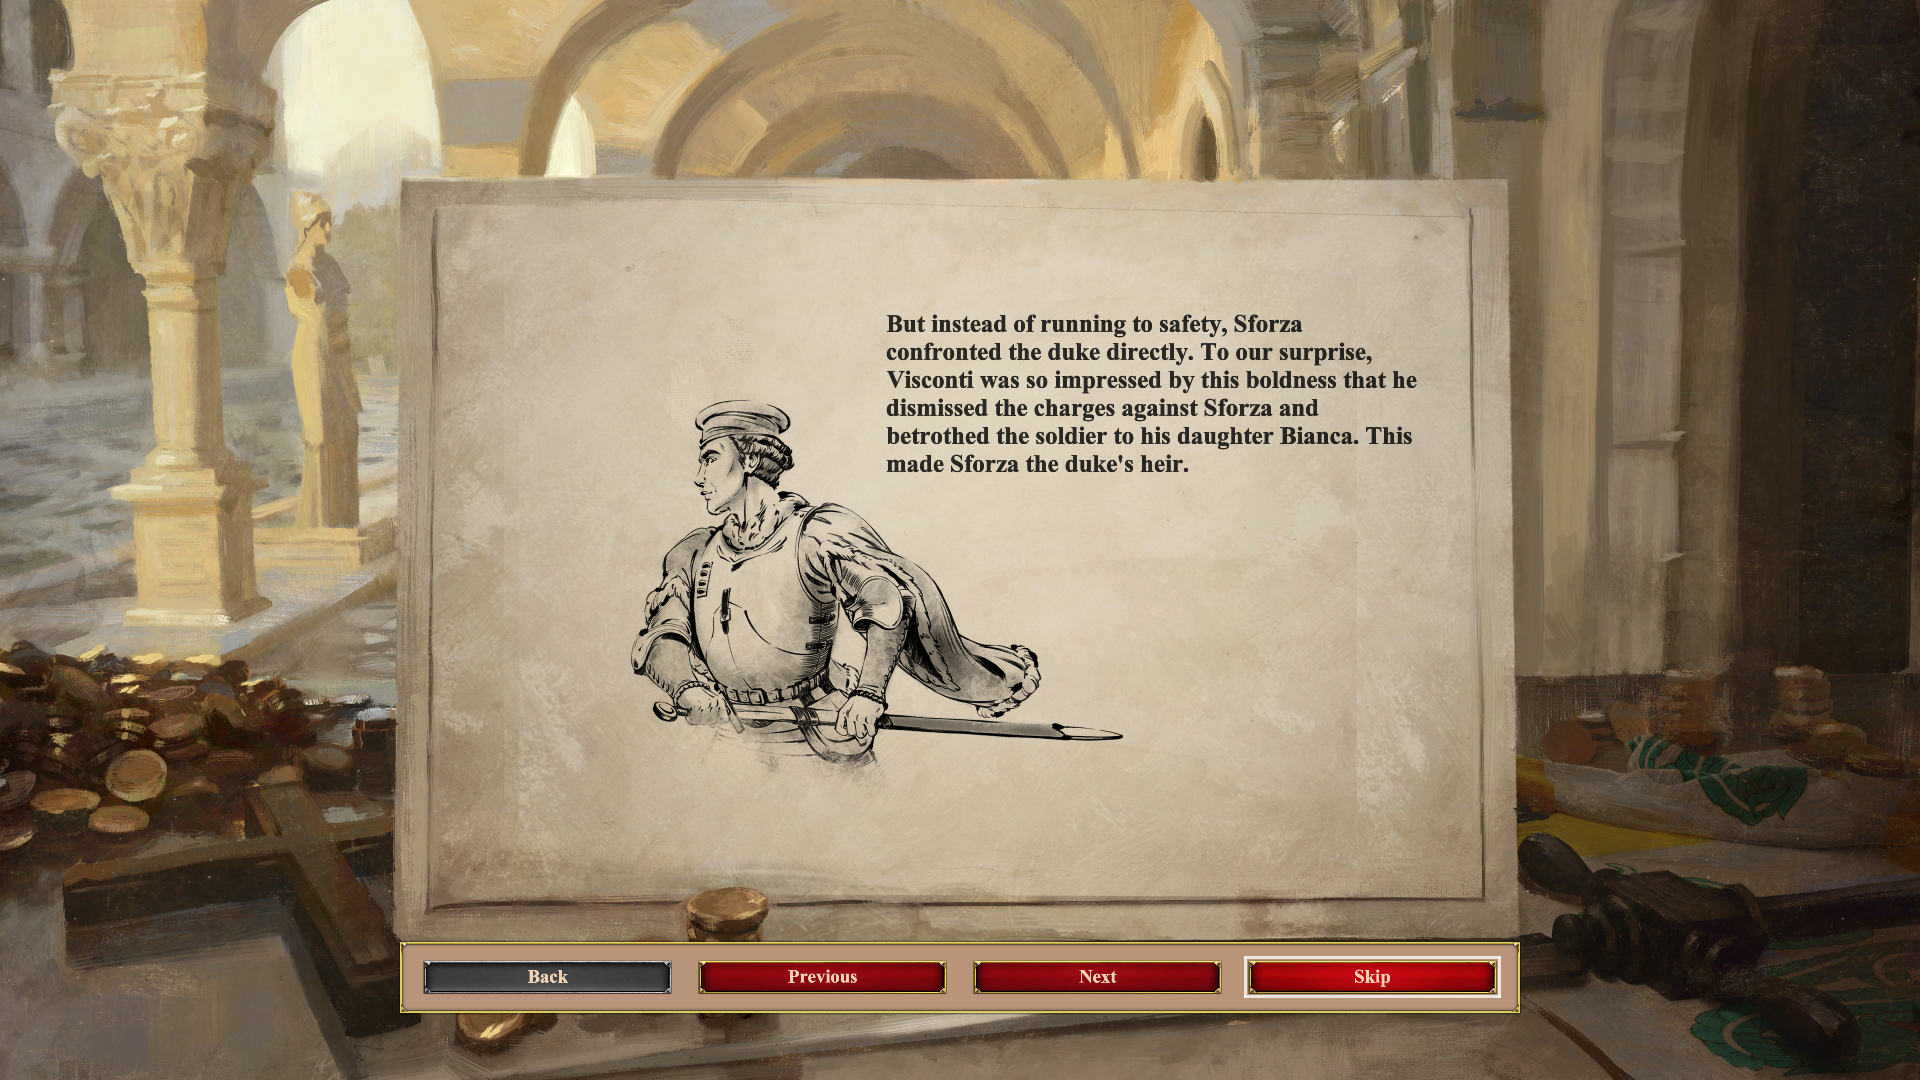 Nadšenci histórie si môžu z hry odniesť cenné poznatky. Okrem zabudovanej encyklopédie nechýba ani krátke intro pred jednotlivými kampaňami, ktoré vždy ozrejmí danú situáciu a predstaví aktérov konfliktu. Spomeňme napríklad Orleánsku pannu Janu z Arku, krutého a krvilačného kniežaťa Vlada Draculu, renesančného žoldniera Giovanniho Sforzu, slávneho dobyvateľa Džingischána, vládcu Aztékov Montezumu či moslimského sultána Saladina. Priestor je venovaný aj slávnym bitkám histórie, ktoré formovali osudy národov.